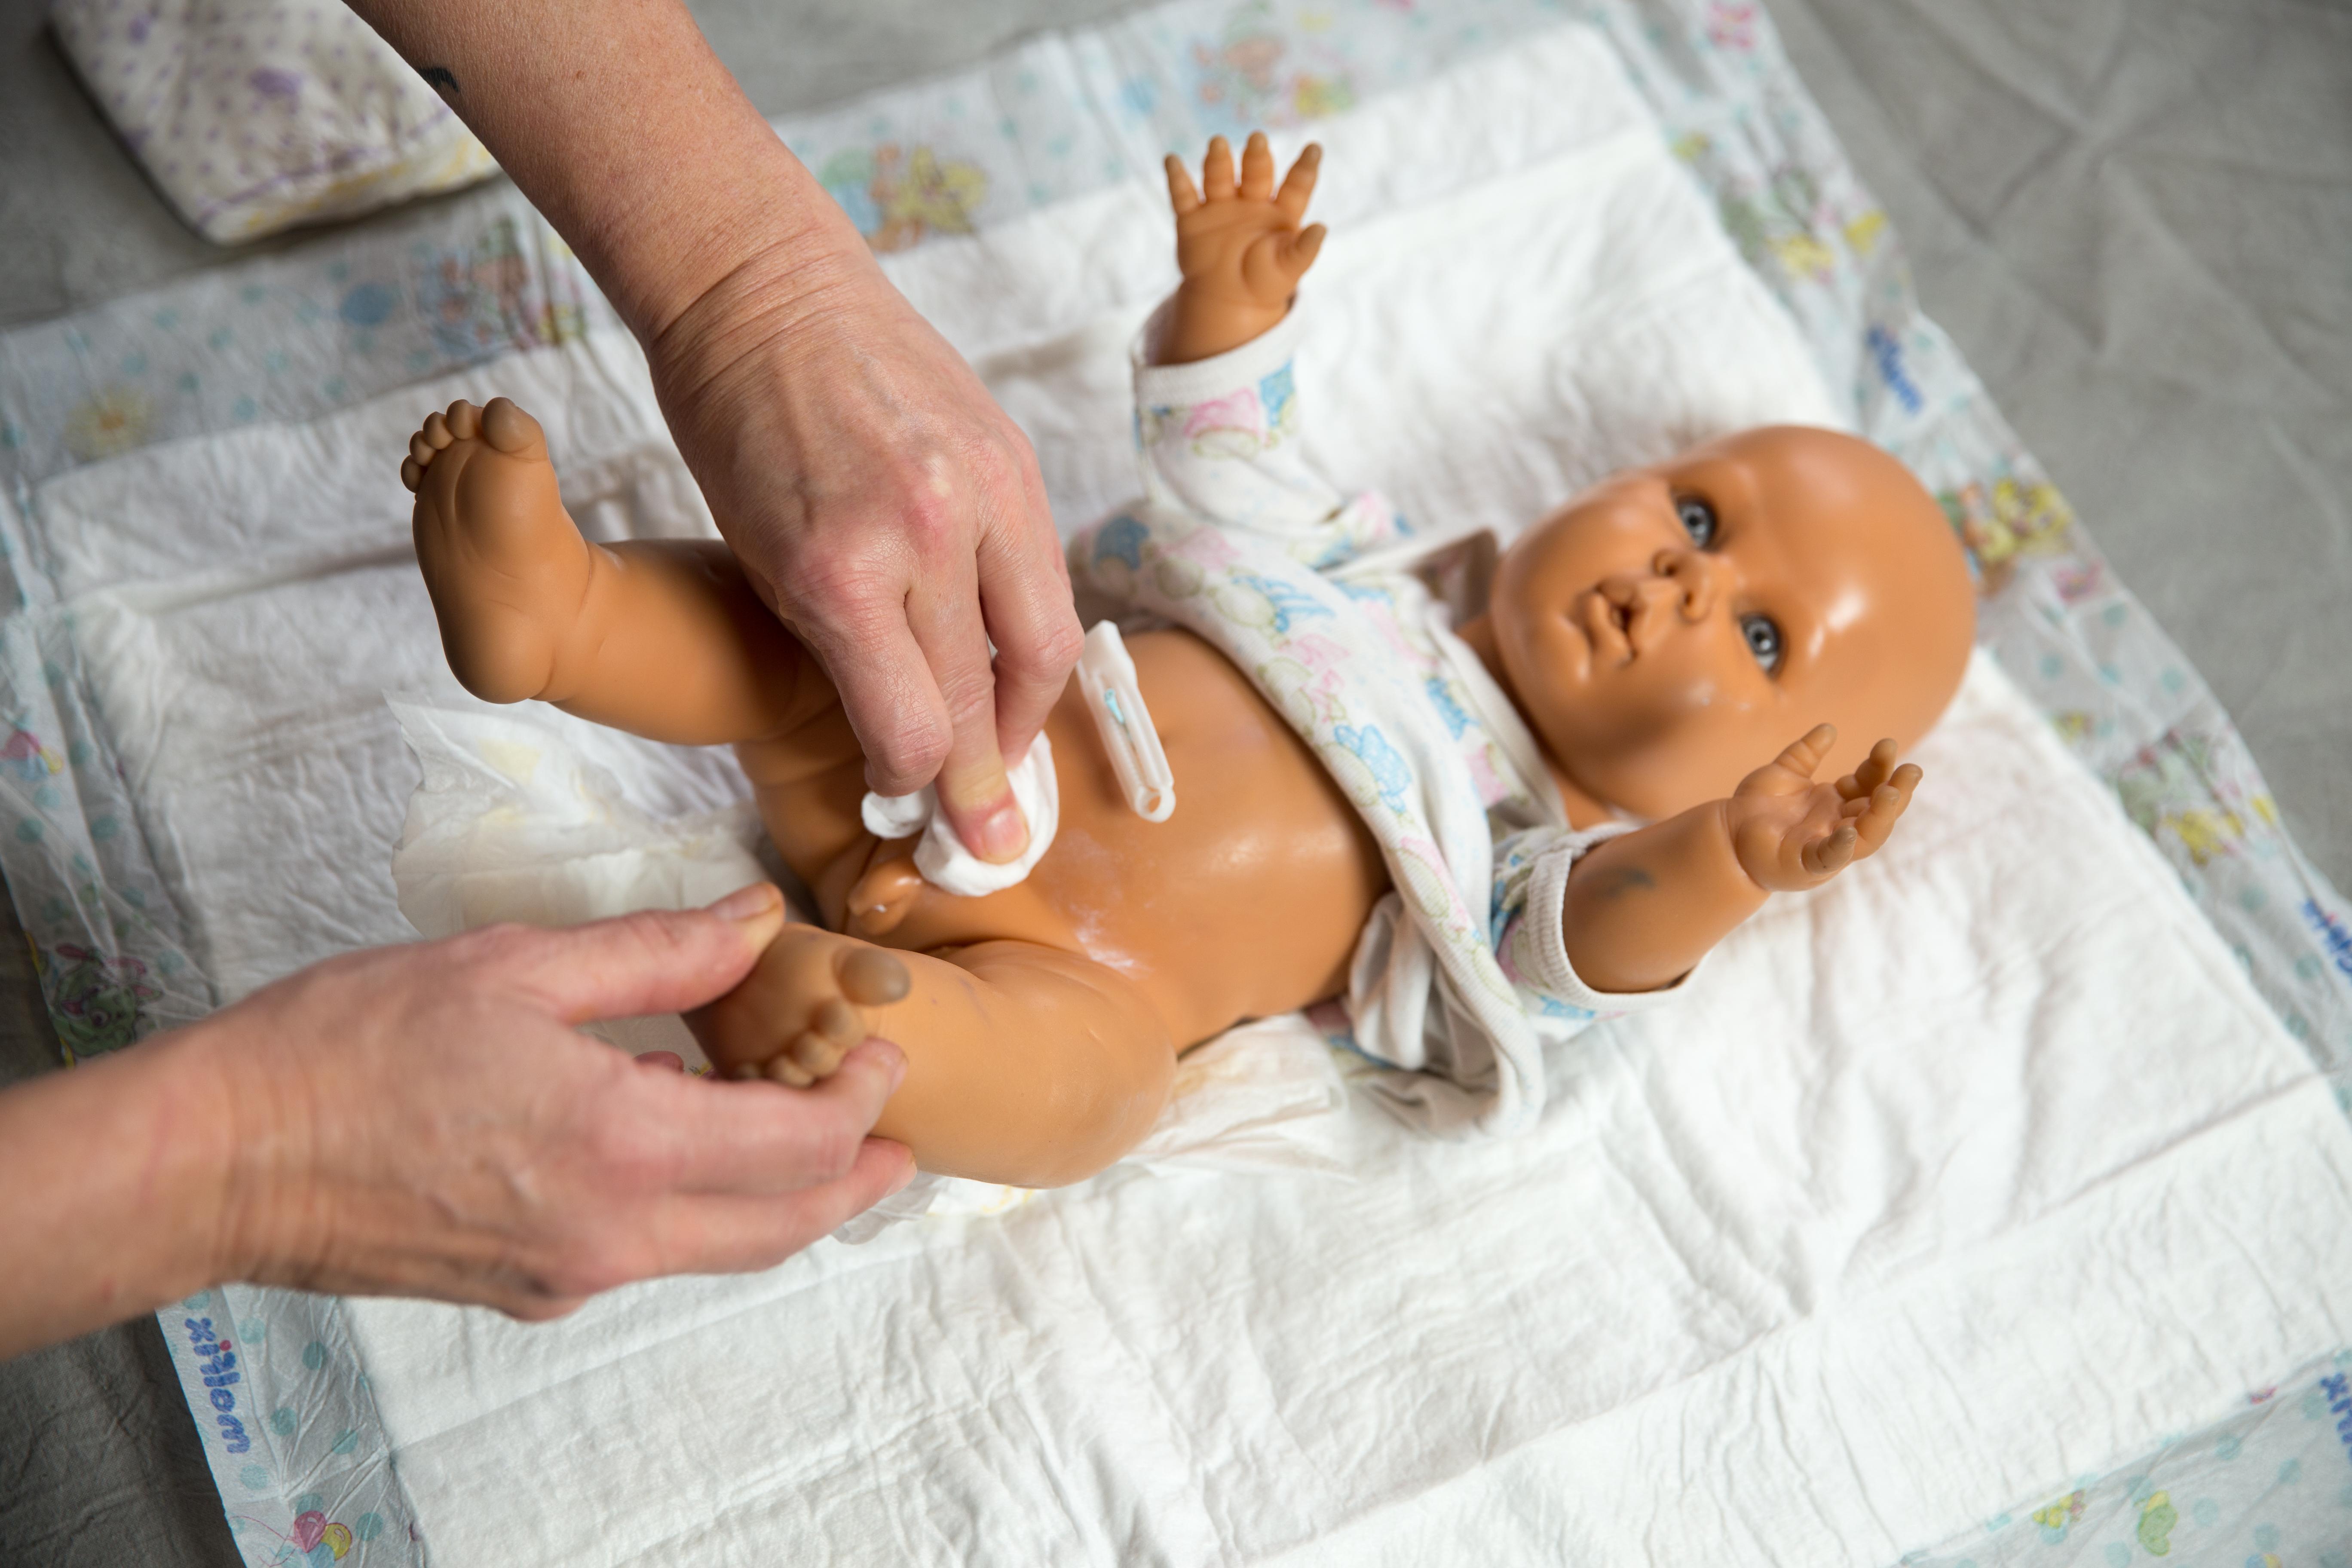 Yeni doğan bebeğin göbek bağı acır mı